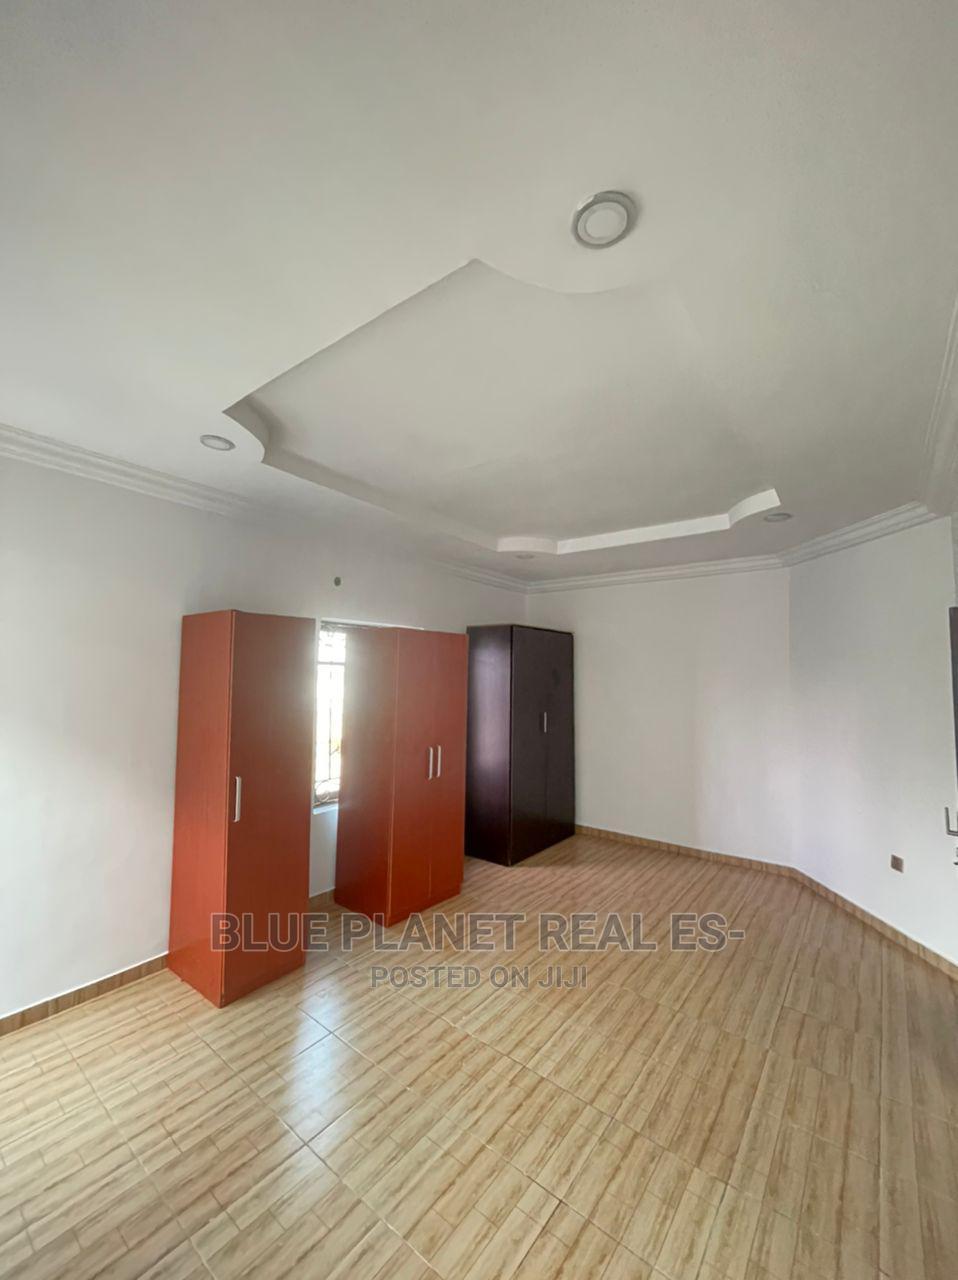 4bdrm Duplex in Lekki for Sale | Houses & Apartments For Sale for sale in Lekki Phase 2, Lekki, Nigeria